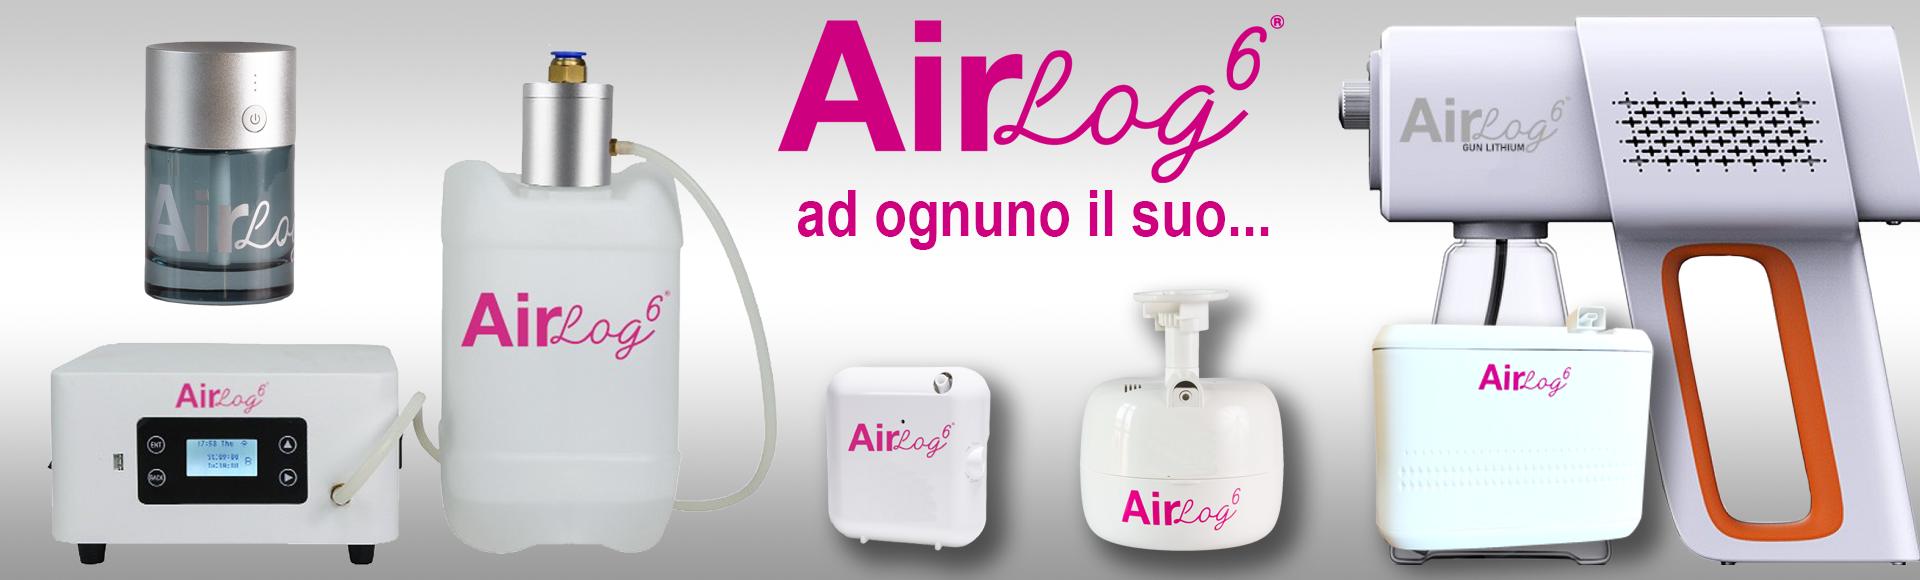 slider-airlog-5